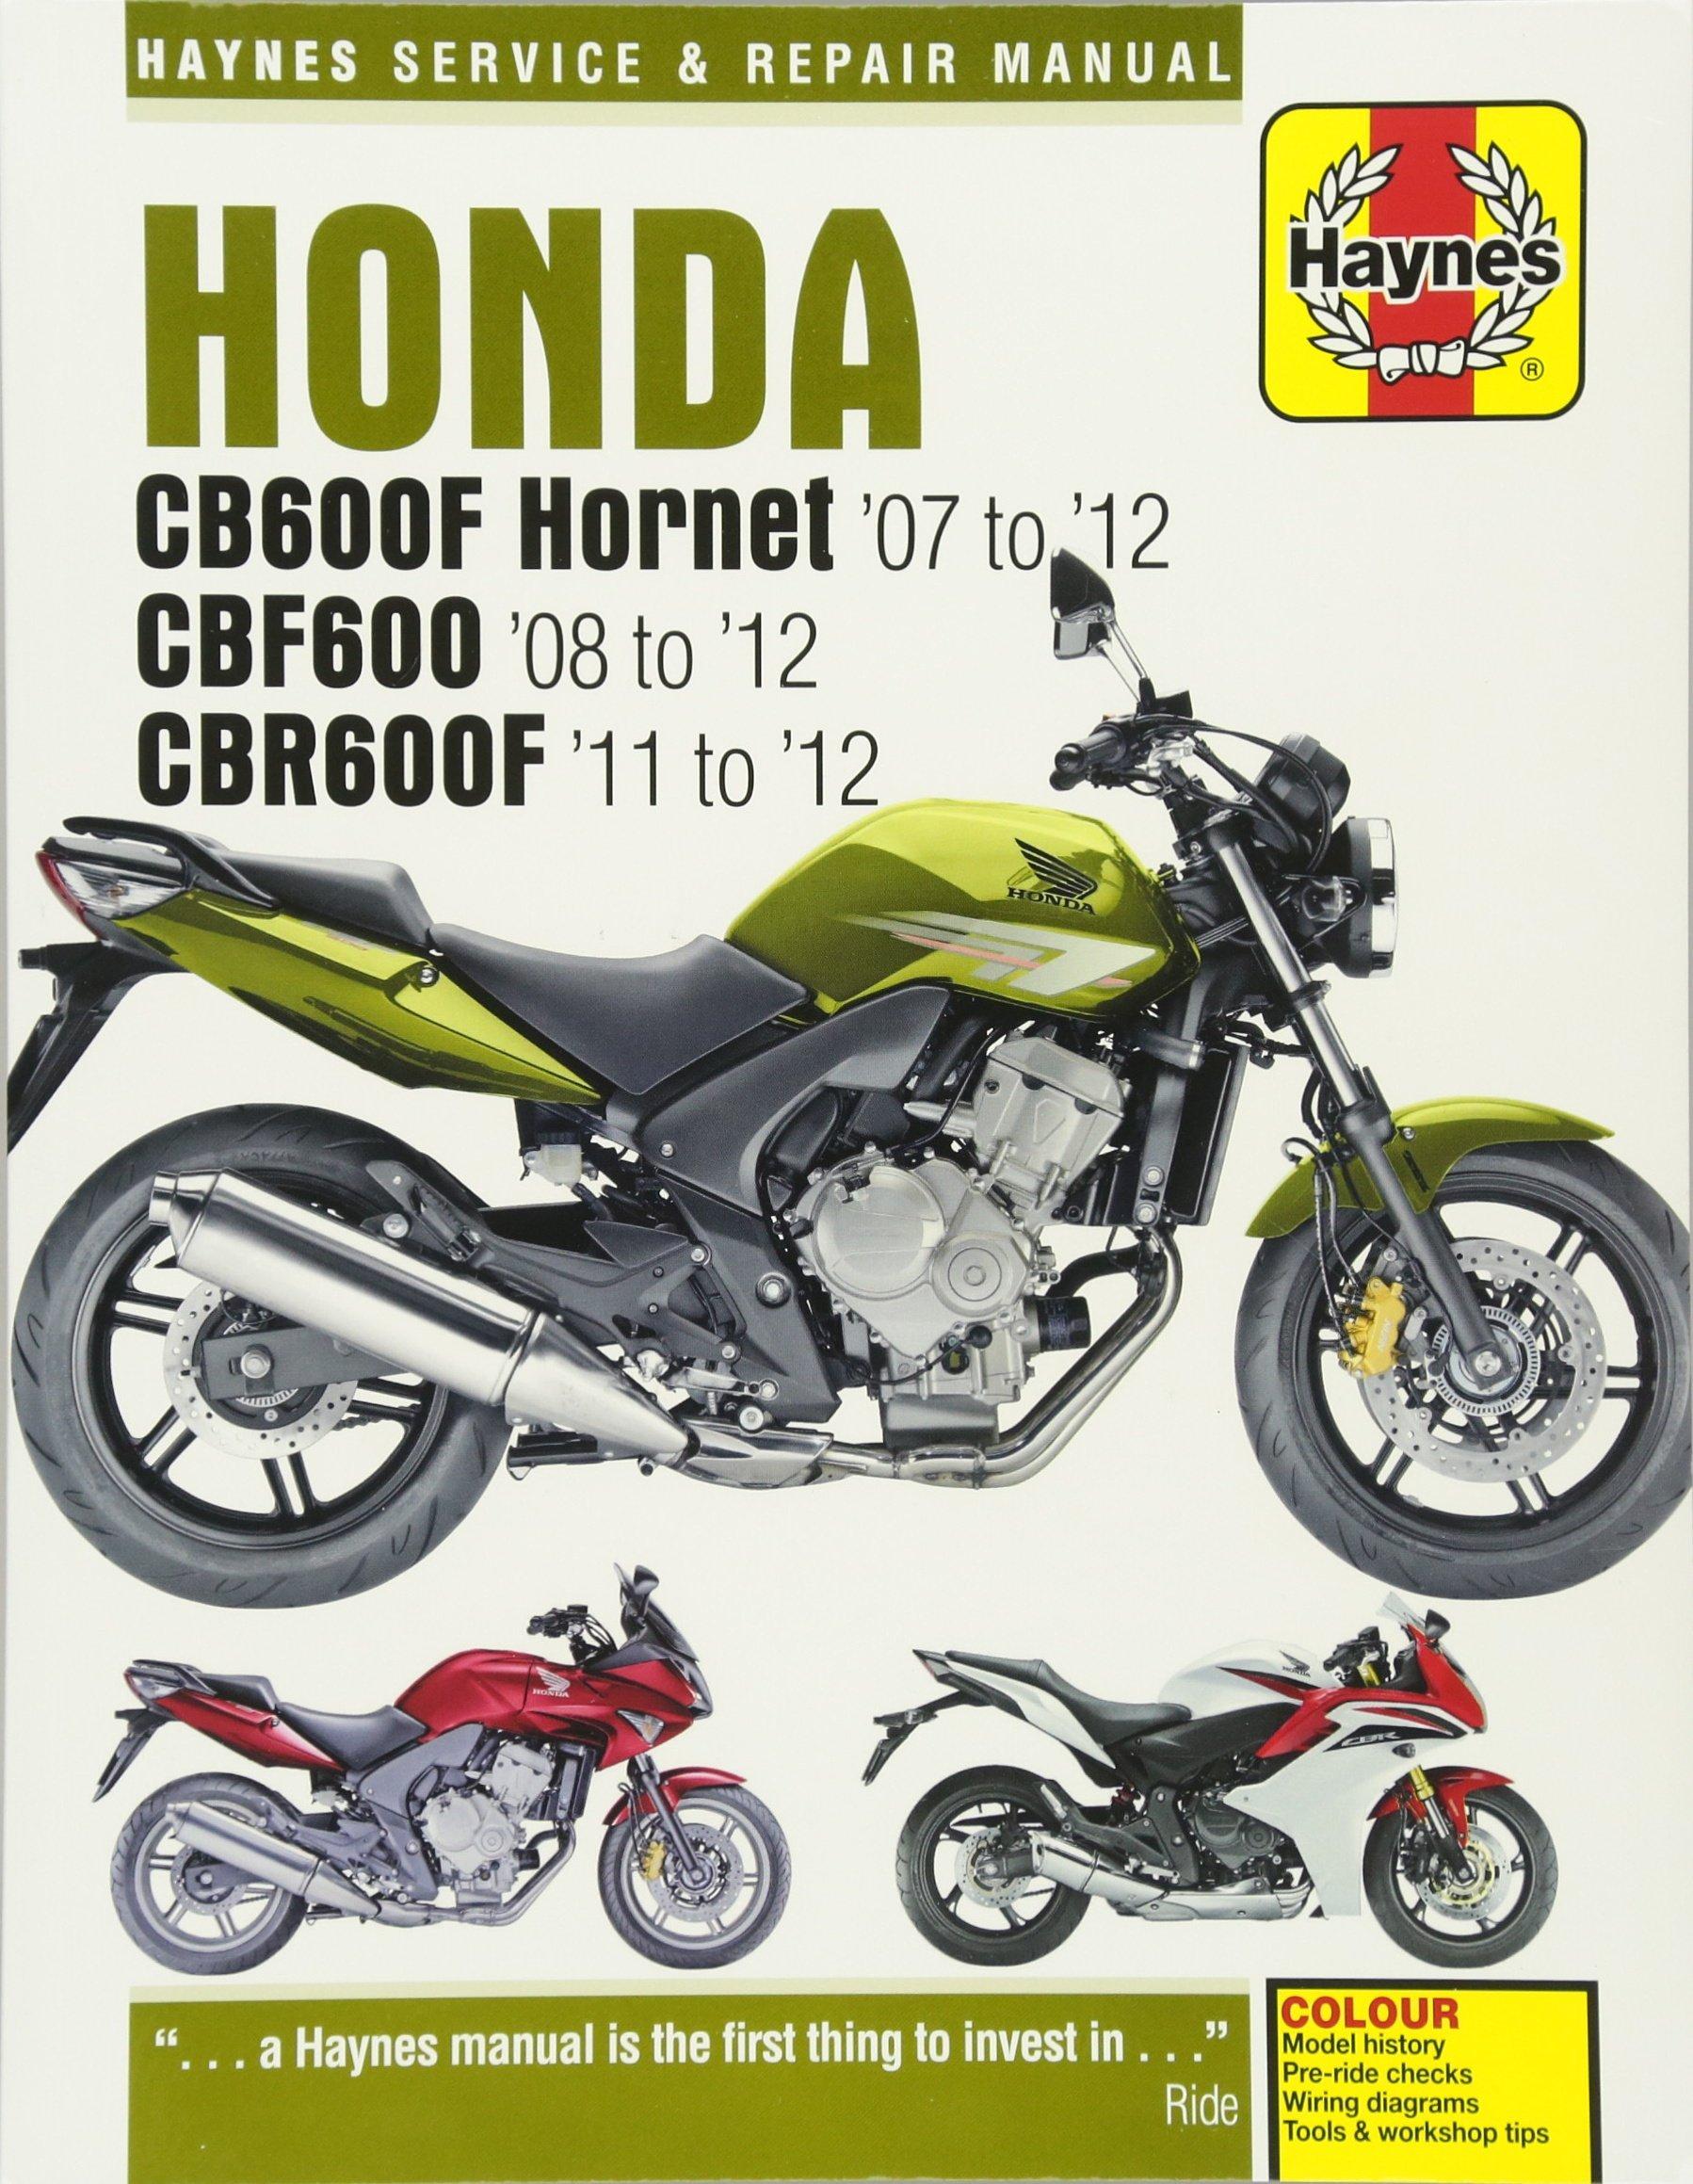 Wondrous Honda Cb600 Hornet Cbr600F 07 1 Amazon De Matthew Coombs Wiring 101 Cranwise Assnl